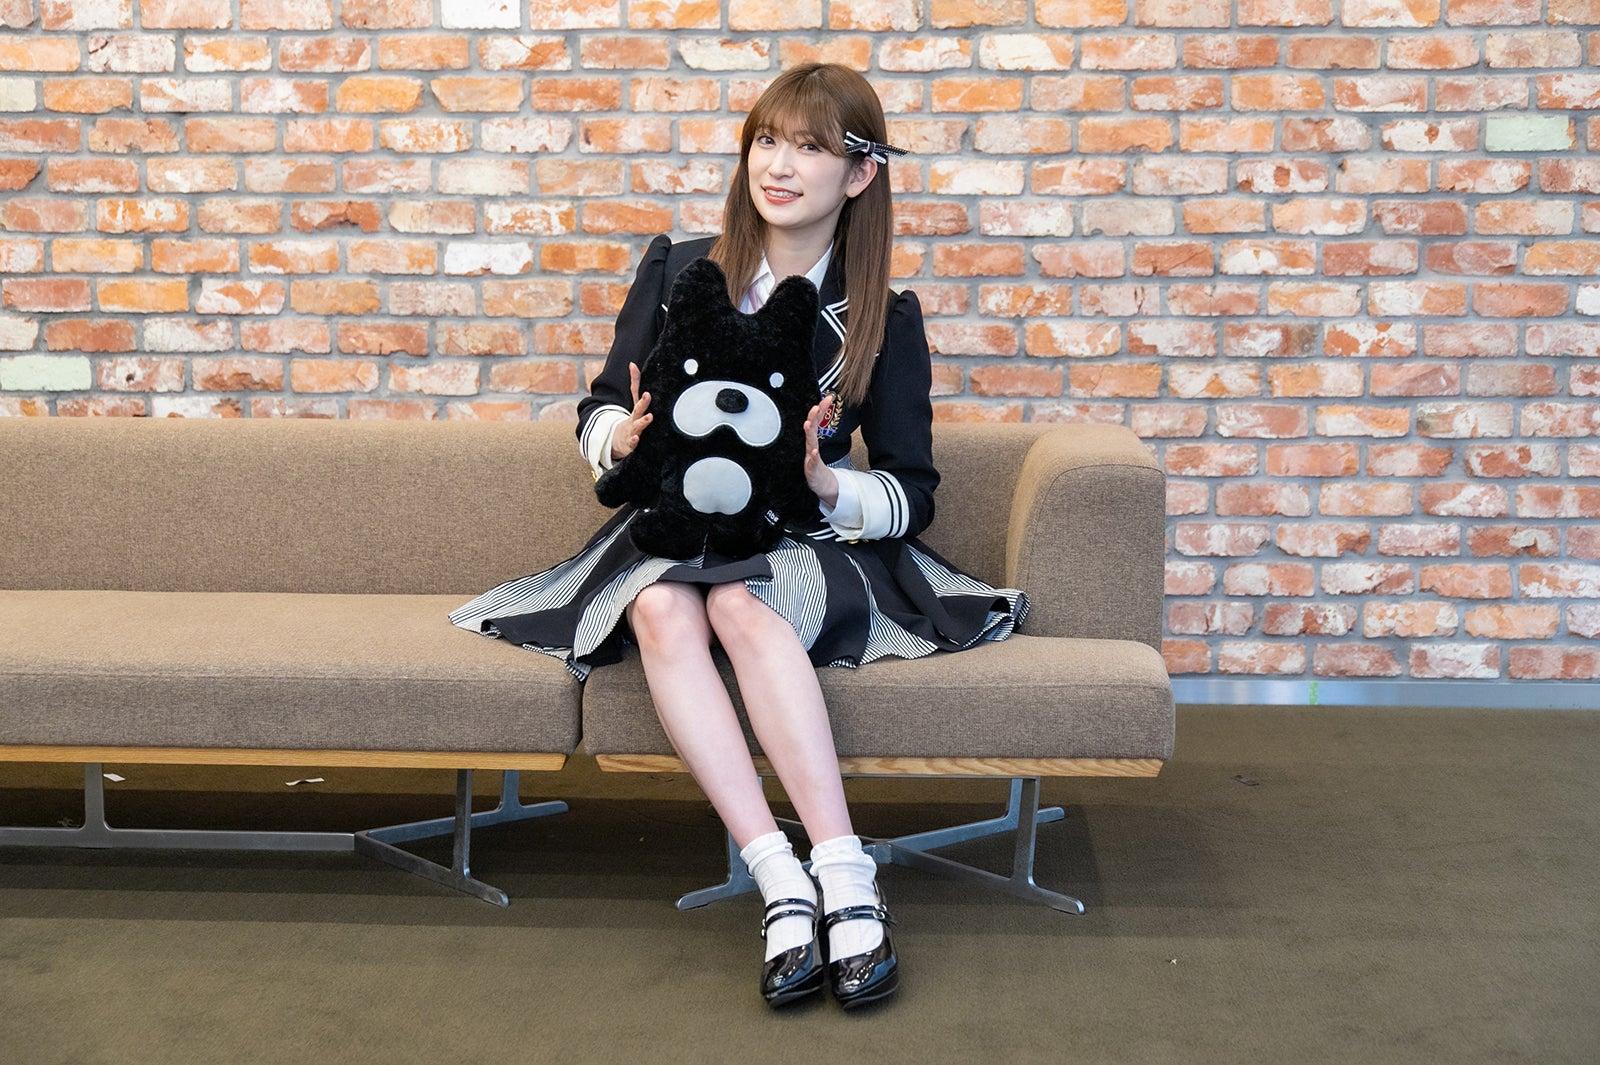 【NMB48】モデルプレスで『NMB48吉田朱里に50の質問』記事が公開